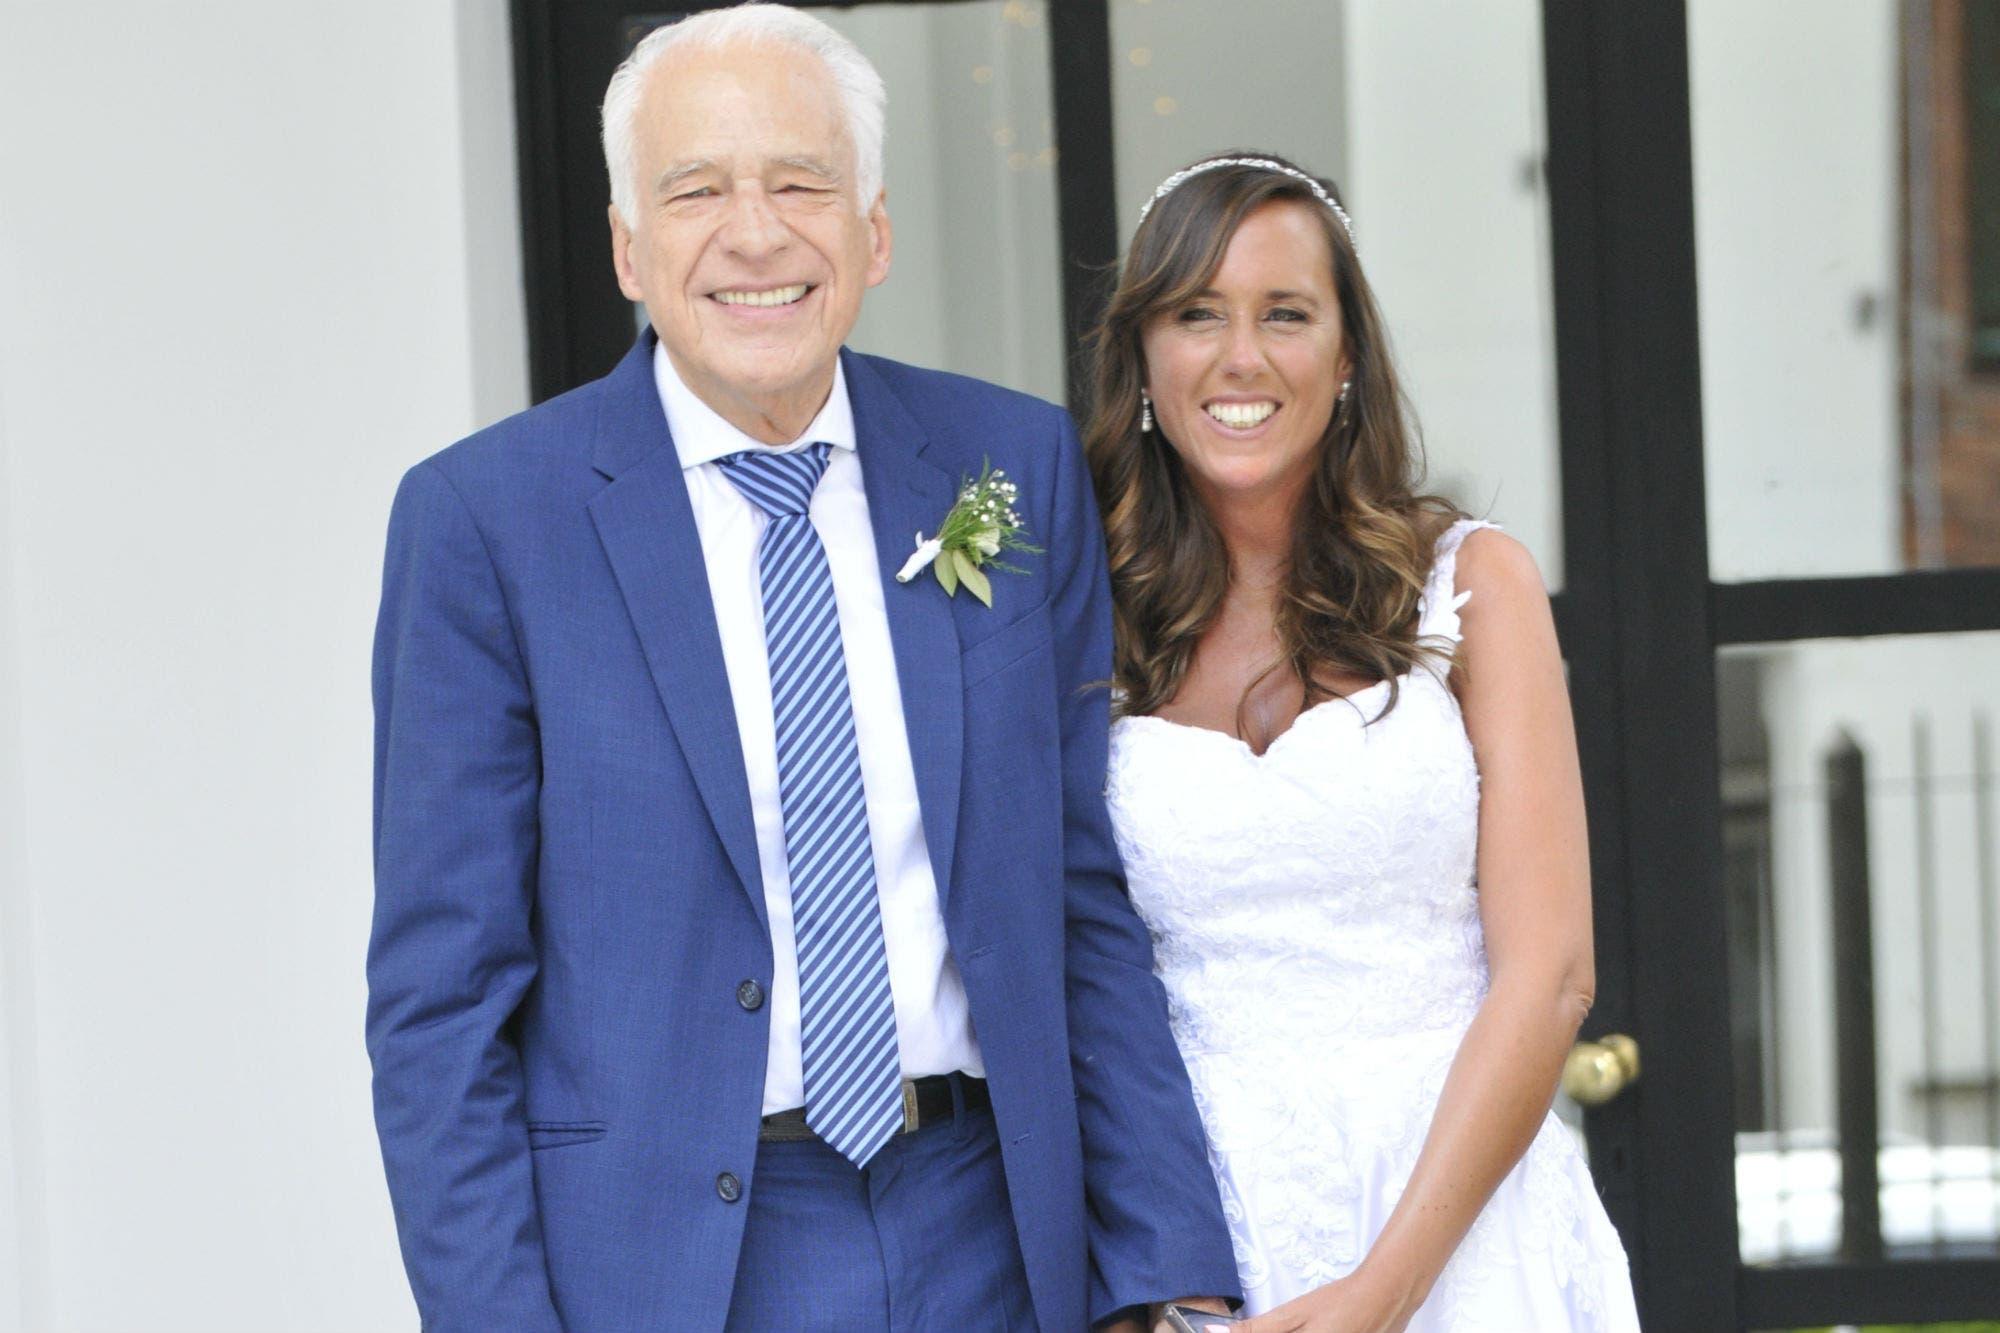 Alberto Cormillot se casó con la nutricionista Estefanía Pasquini